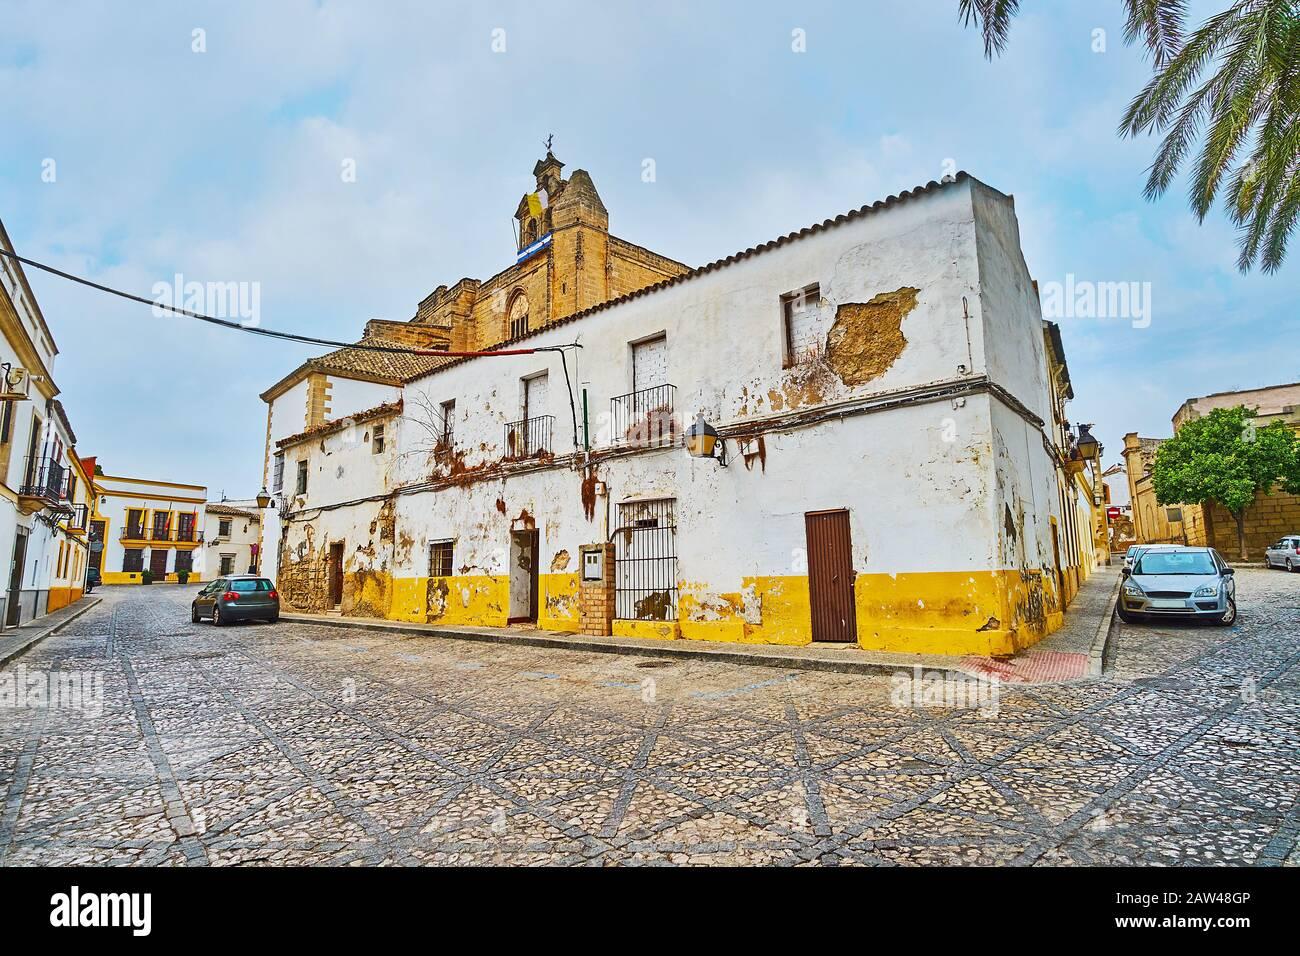 Edificio abandonado en mal estado en la calle Alegria del casco antiguo con vistas al campanario de la iglesia medieval de San Mateo (San Mateo) sobre el fondo, Jerez, Sp Foto de stock